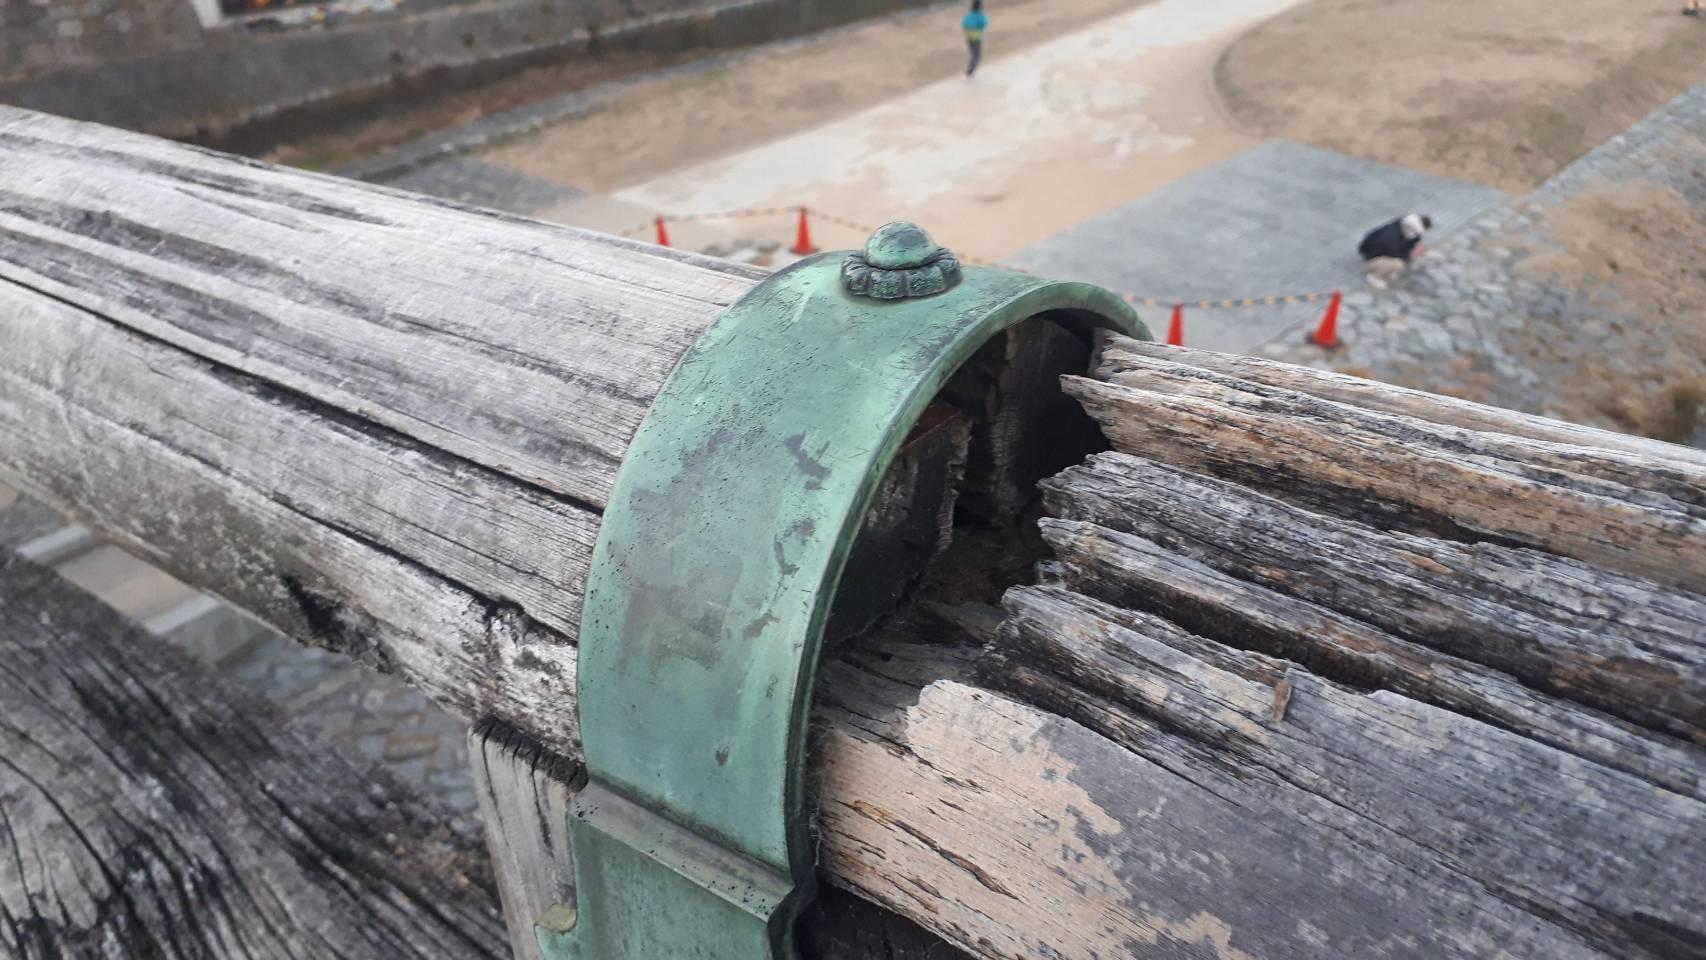 「三条大橋の補修・修景」に皆様からの御支援を。(京都市)_d0106134_09453035.jpg